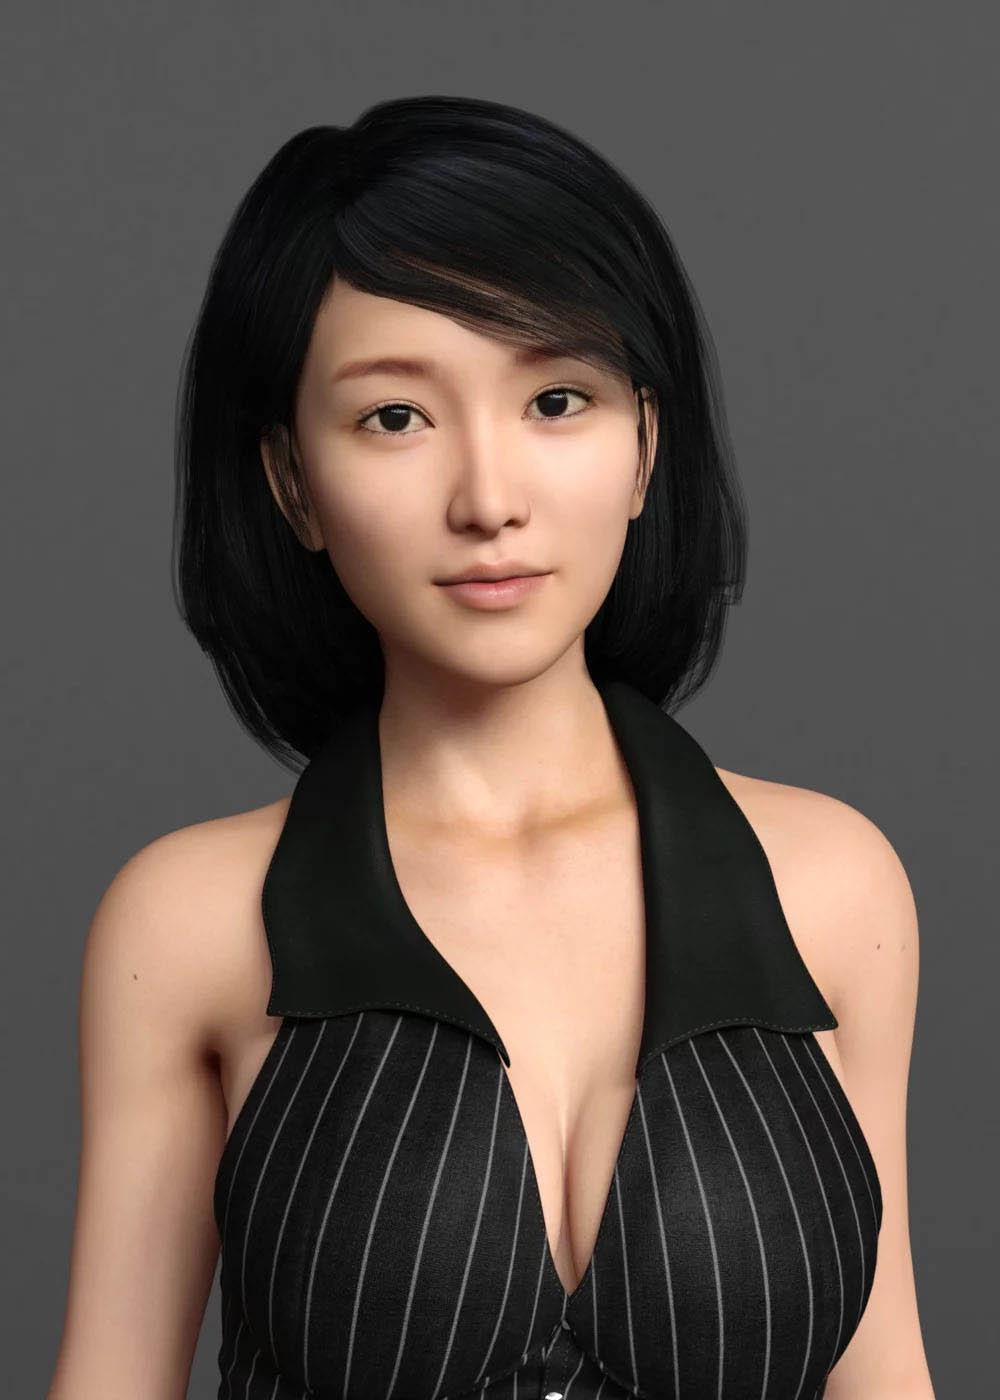 亚洲女性角色模型Poser DAZ Studio